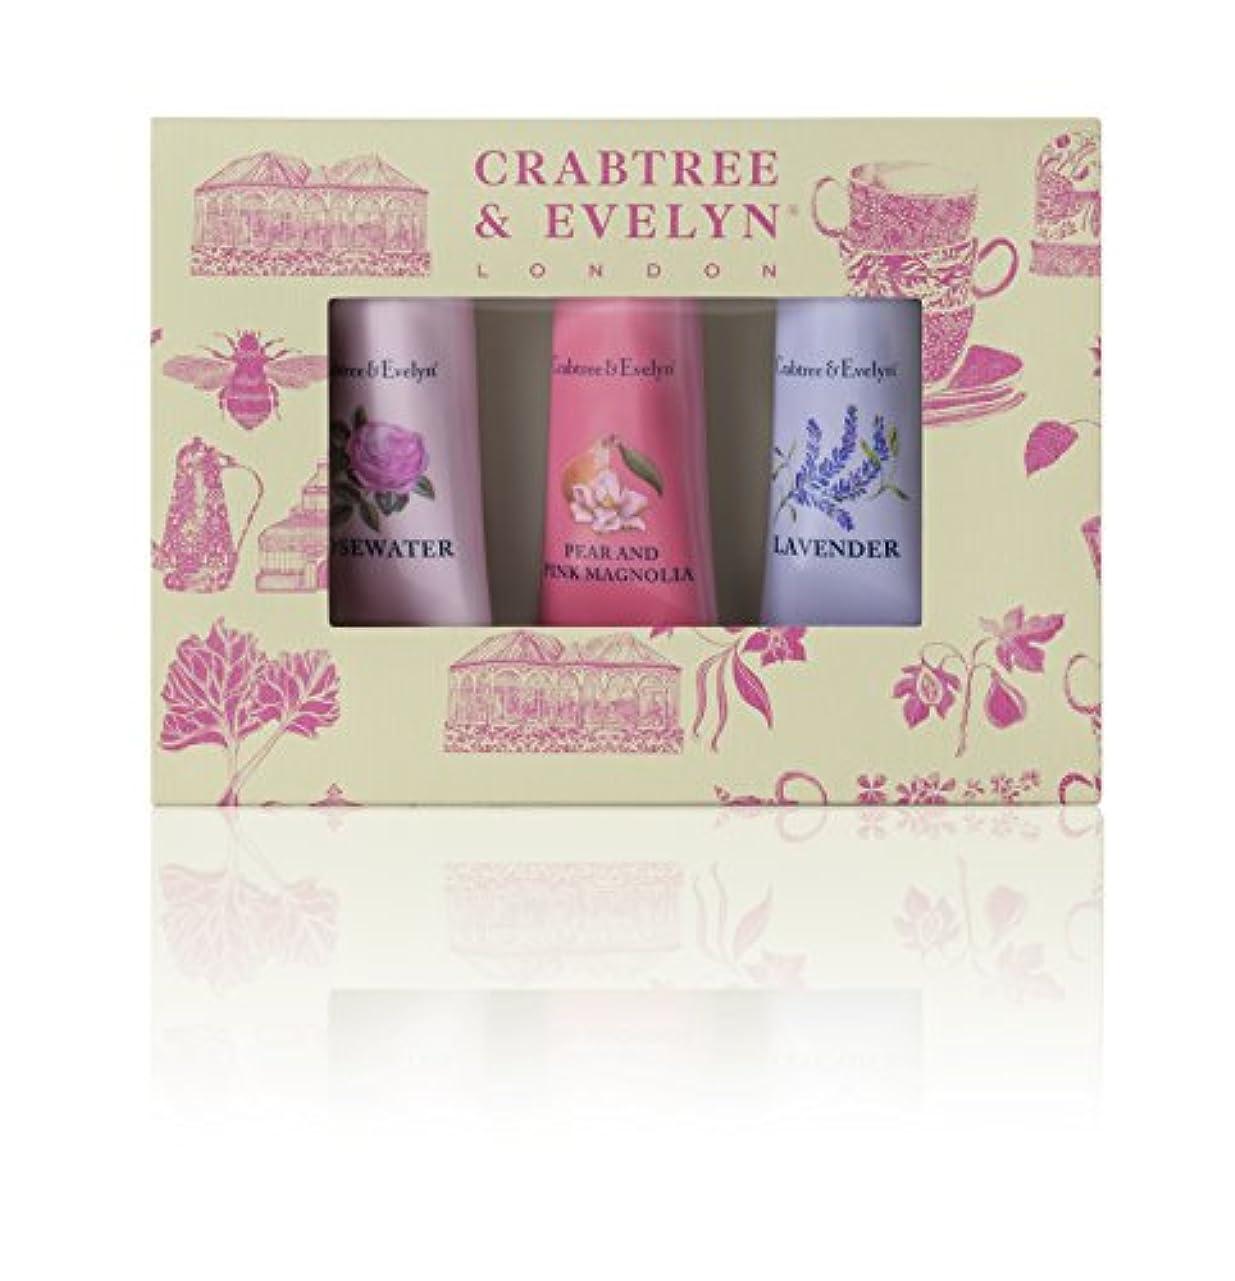 急ぐ特に暴力的なクラブツリー&イヴリン Florals Hand Therapy Set (1x Pear & Pink Magnolia, 1x Rosewater, 1x Lavender) 3x25g/0.9oz並行輸入品